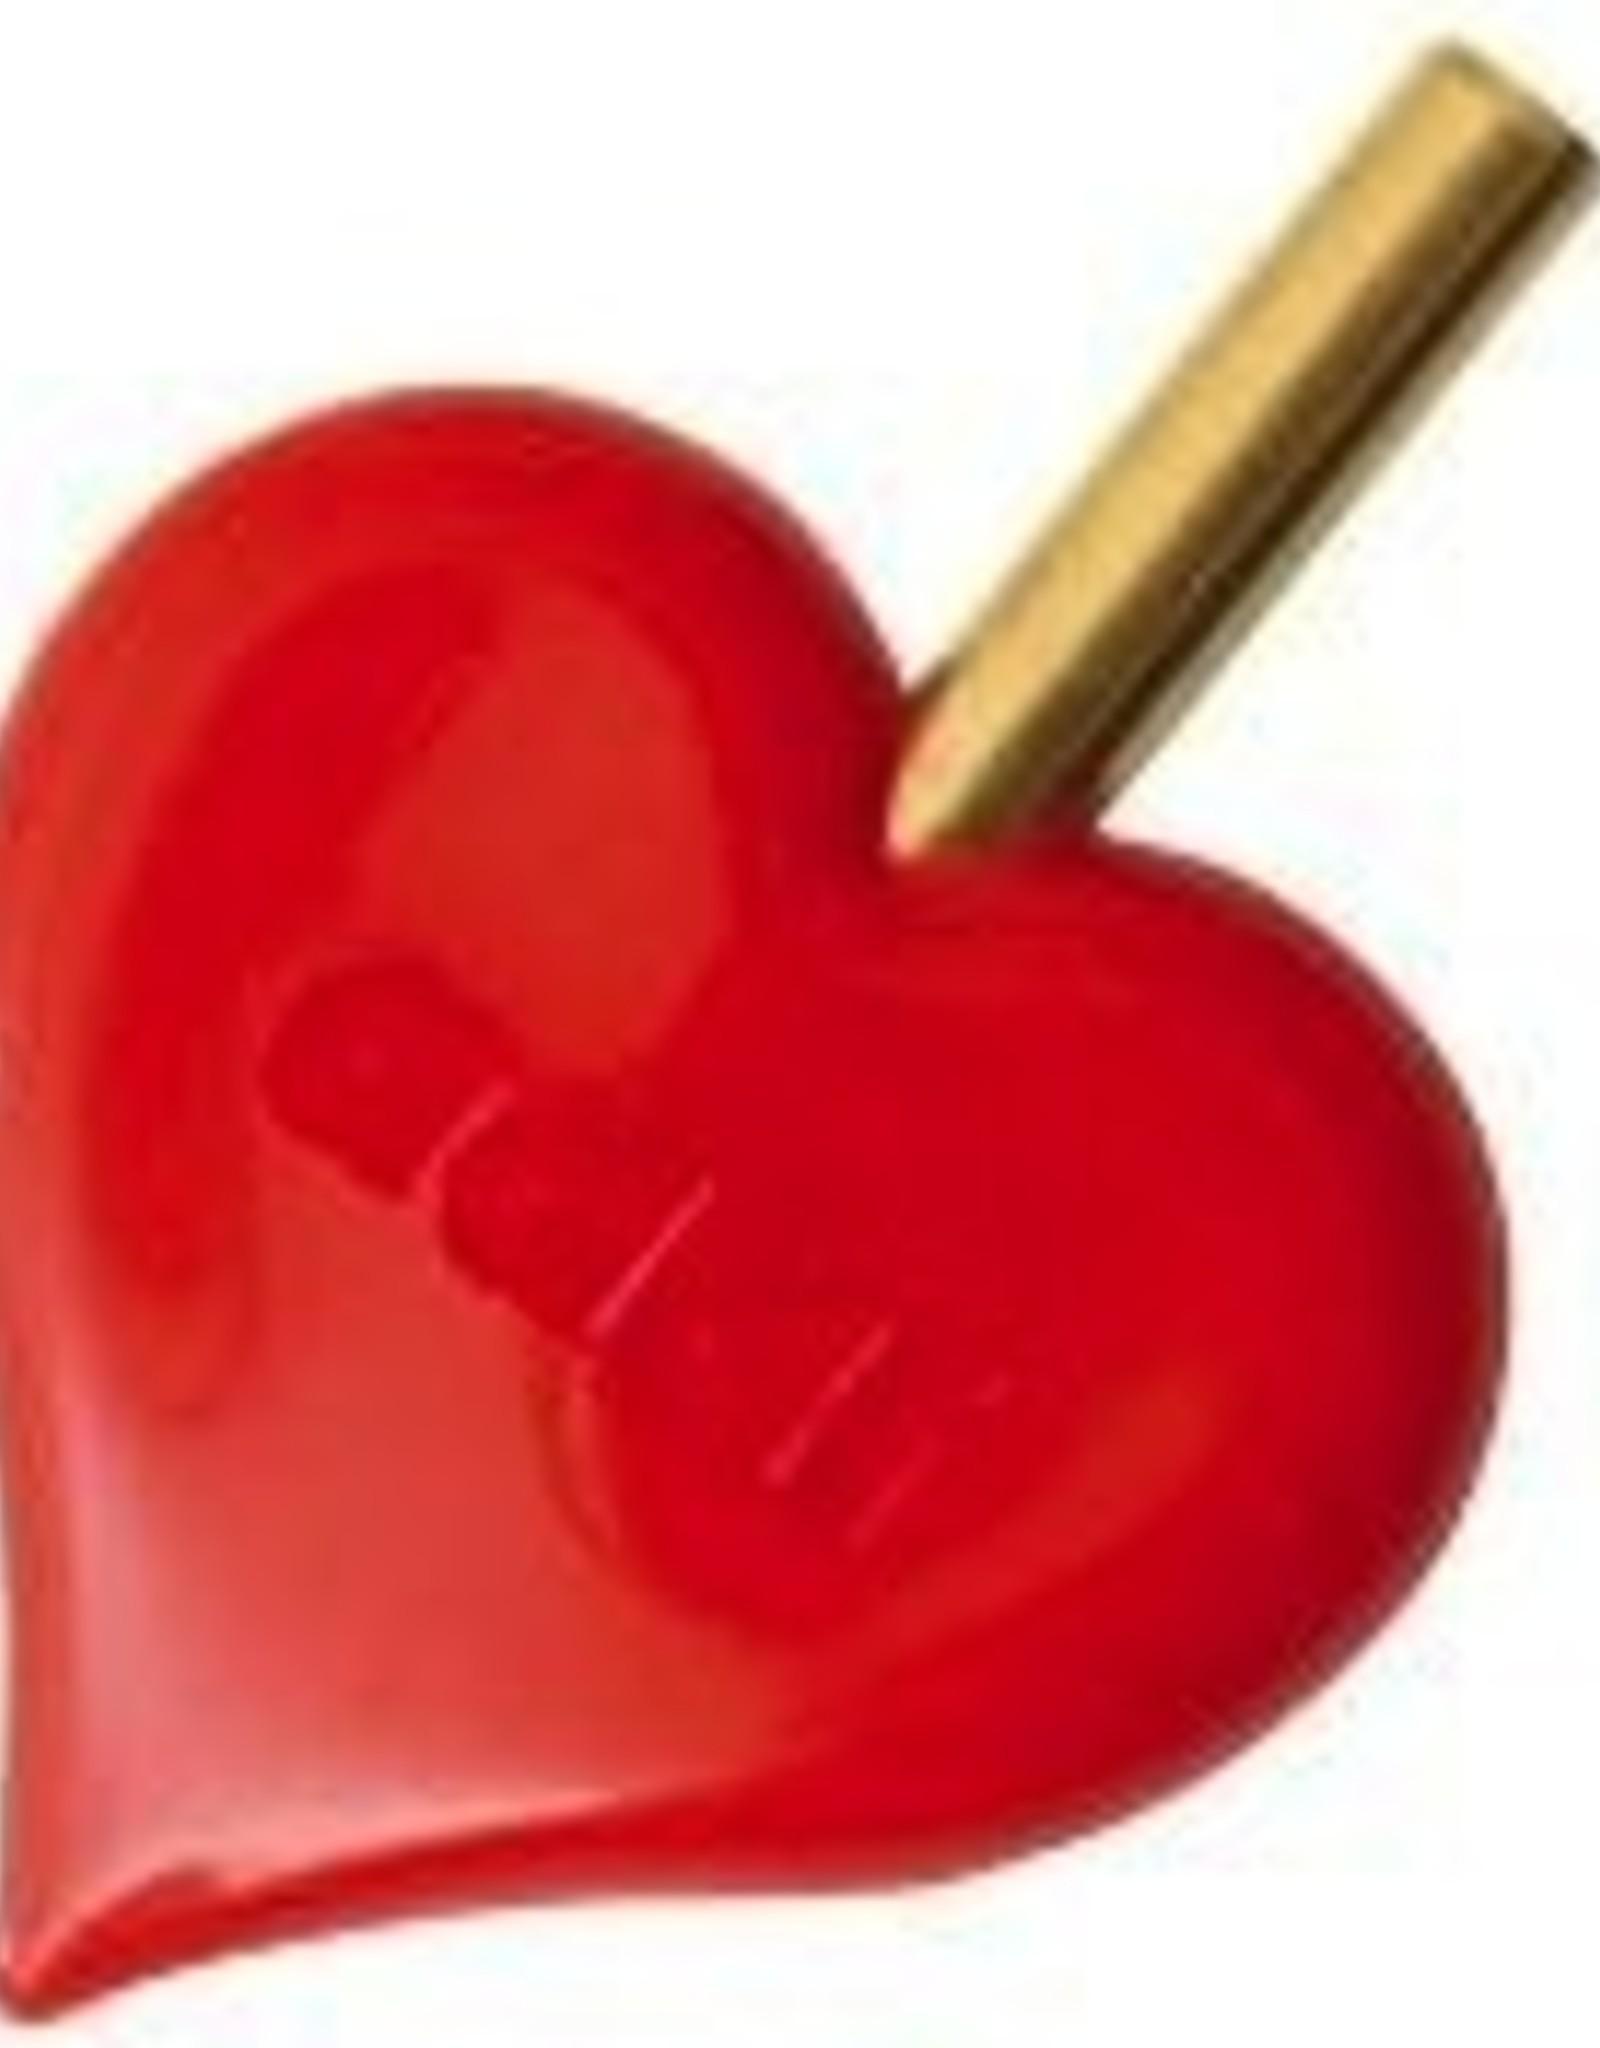 Addi addi HeartStopper